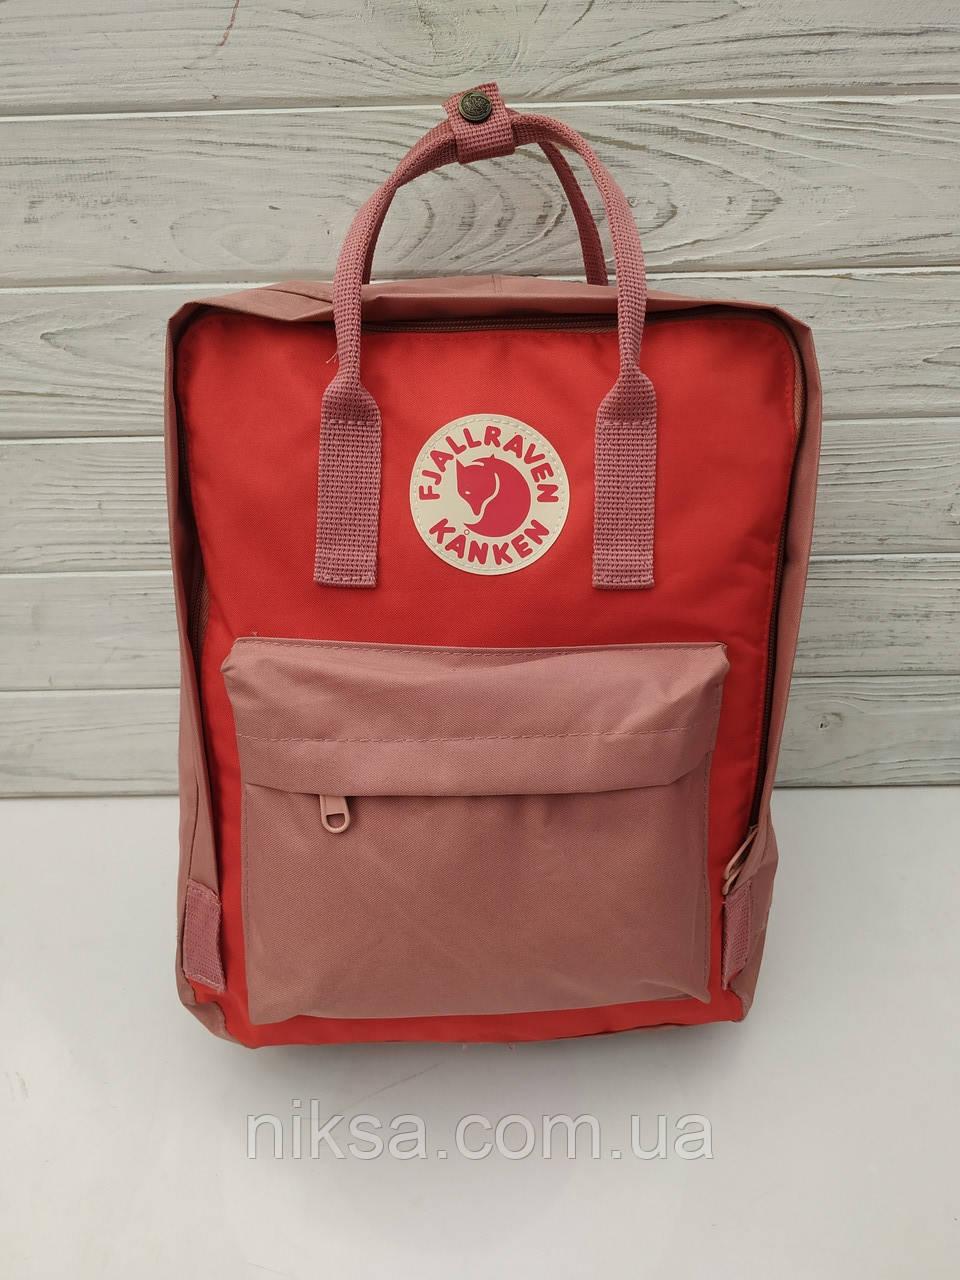 Городской рюкзак-сумка Канкен Kanken цвет Коралл+Пудра